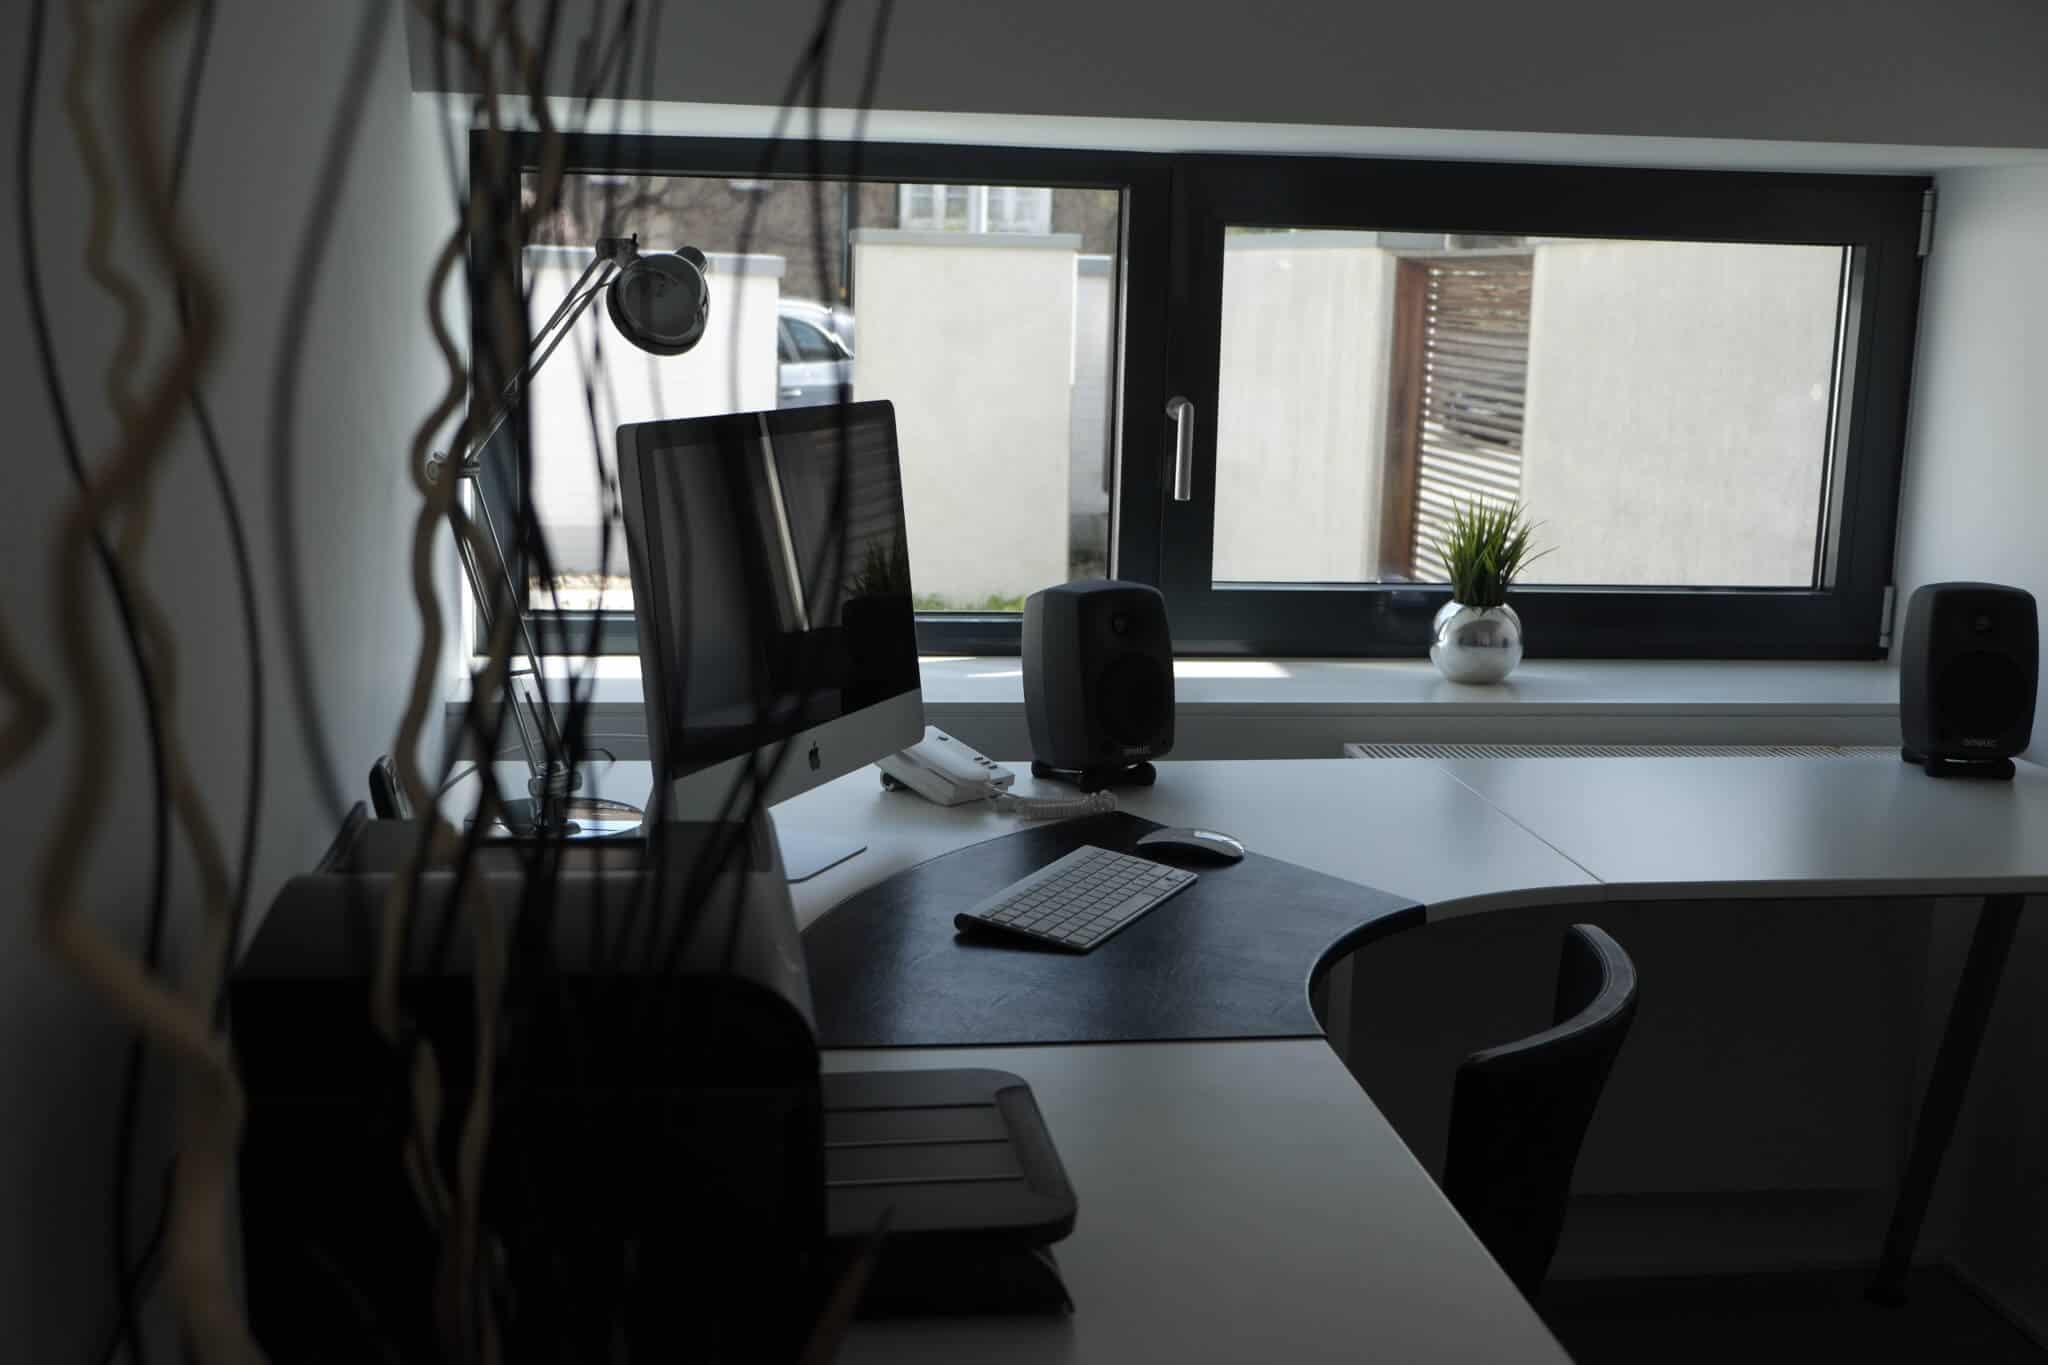 Innenansicht 5 - CK Voice Lessons - Gesangsunterricht und Vocalcoaching in Hannover